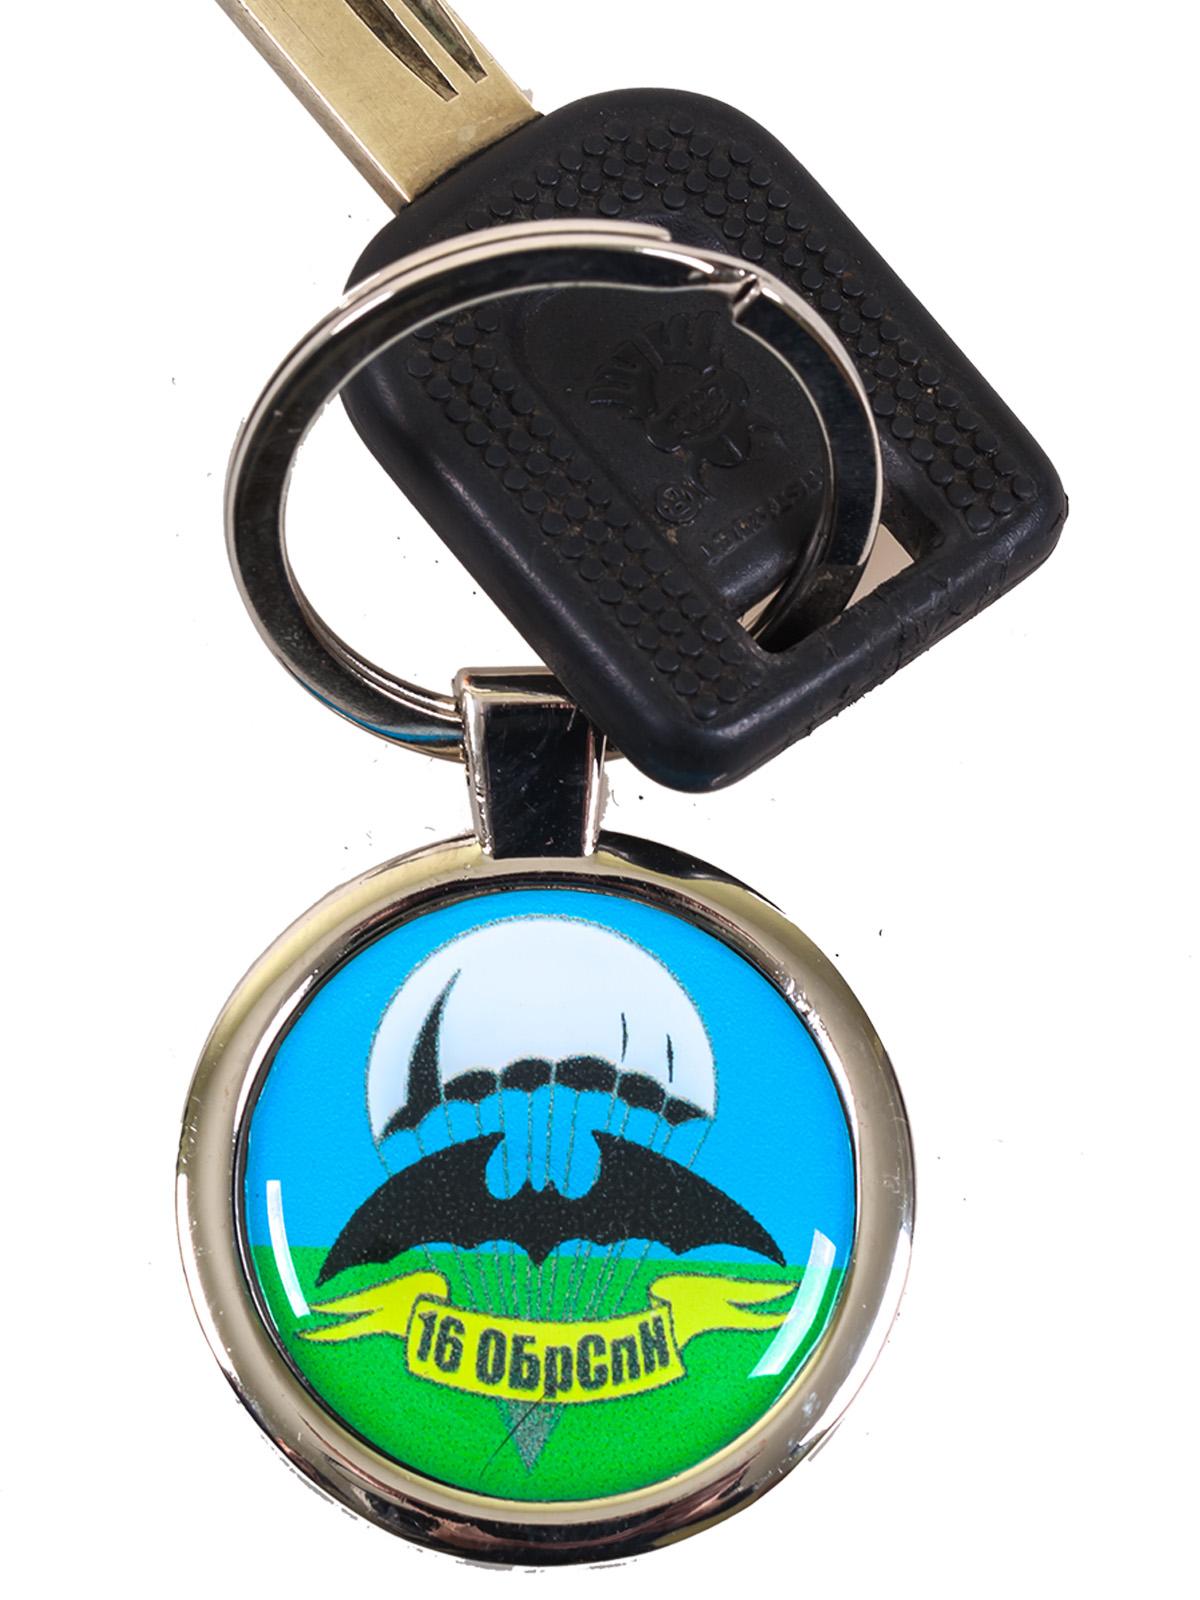 """Брелок """"16 ОБрСпН"""" купить в Военпро"""